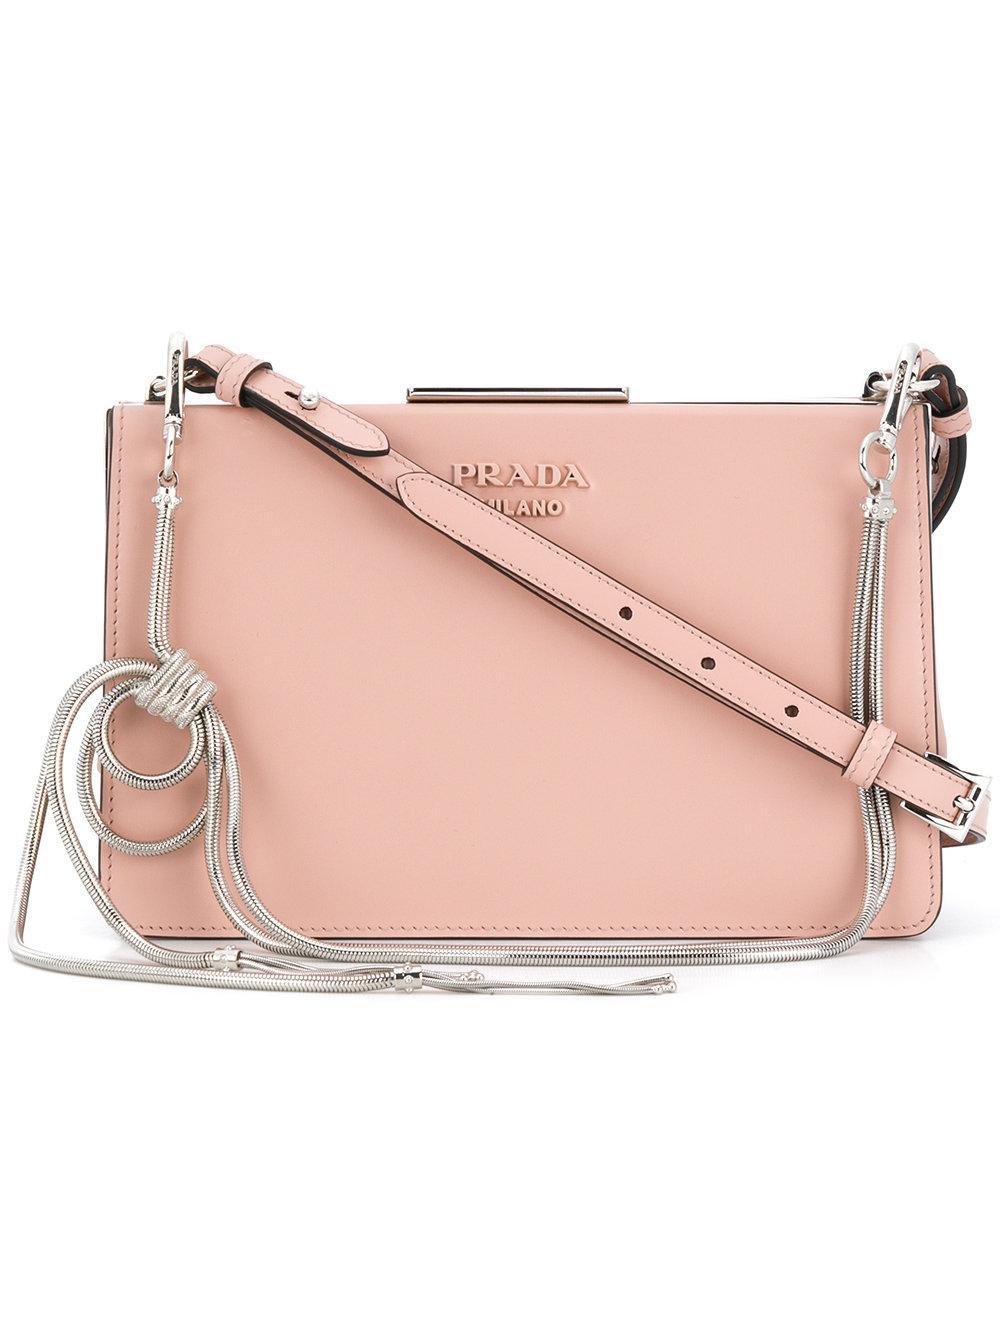 0e8b6aed9529 Prada Light Frame Shoulder Bag